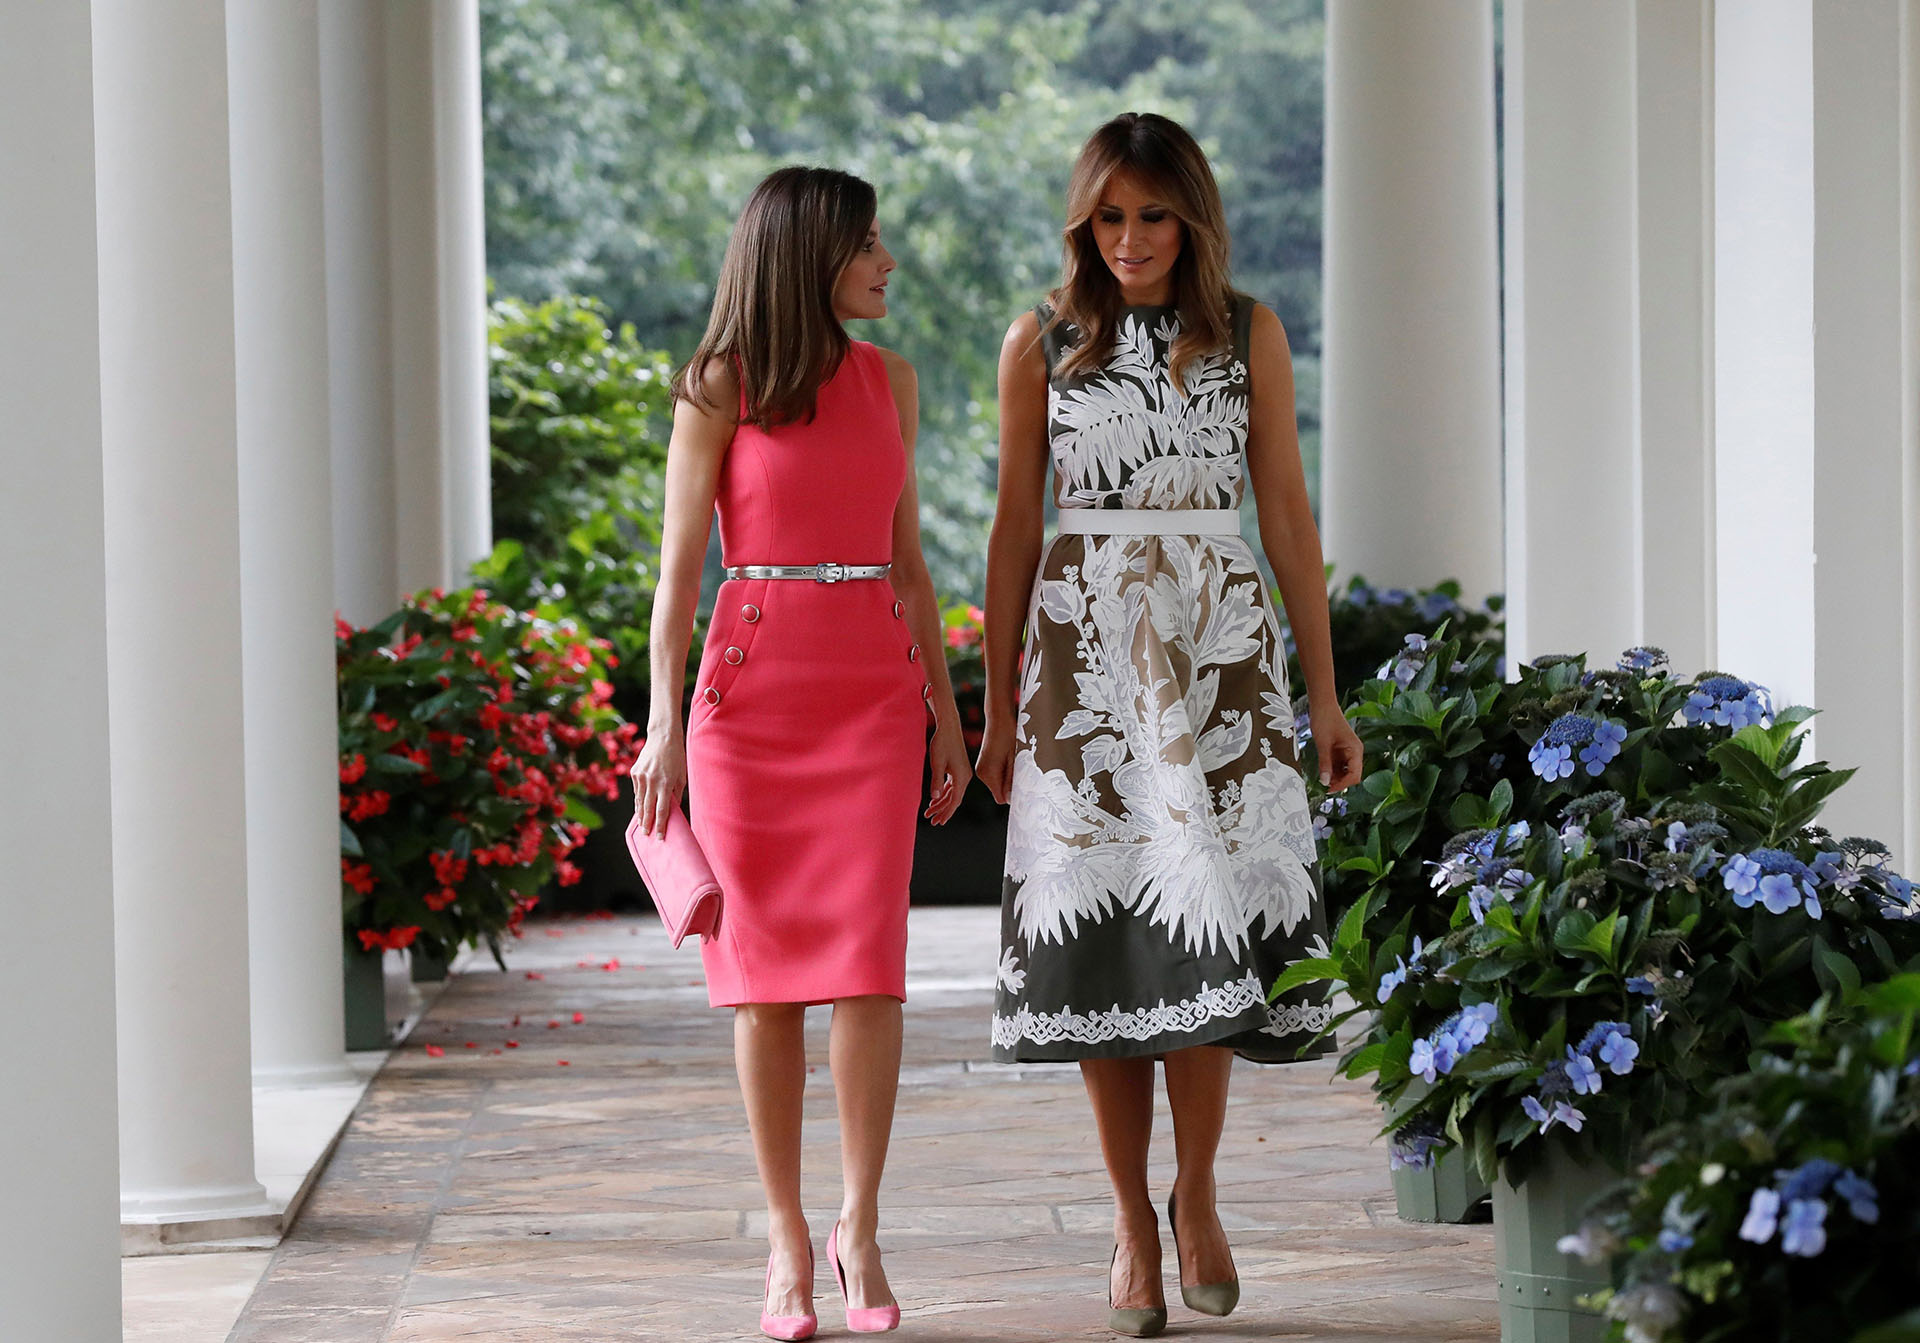 Letizia lució un vestido sin mangas, con un cinturón plateado y botones que marcaban su silueta. Melania eligió uno estampado con dibujos en color blanco, también sin mangas